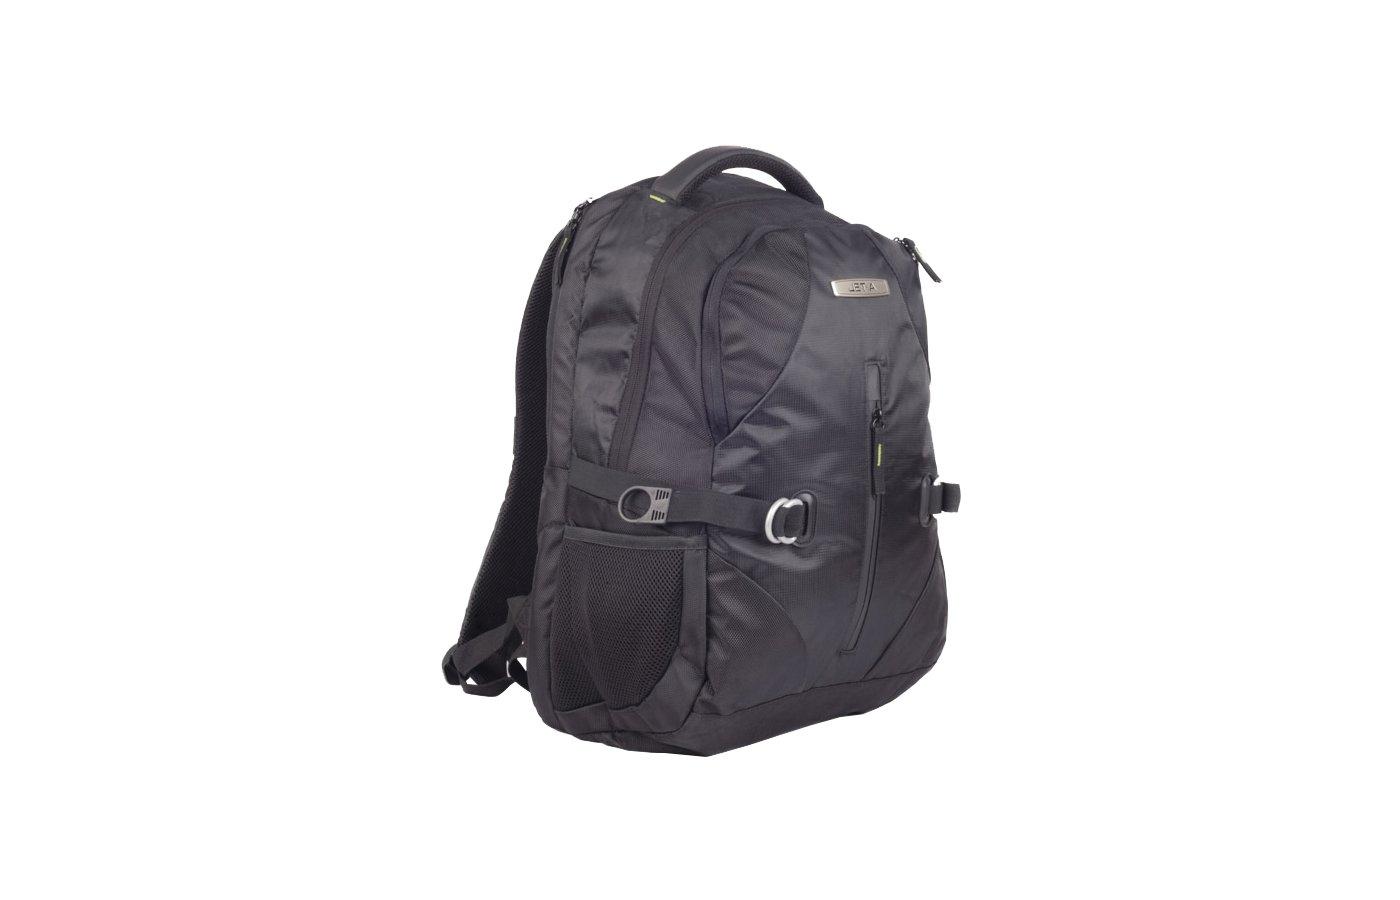 Кейс для ноутбука Jet.A LPB15-40 черный